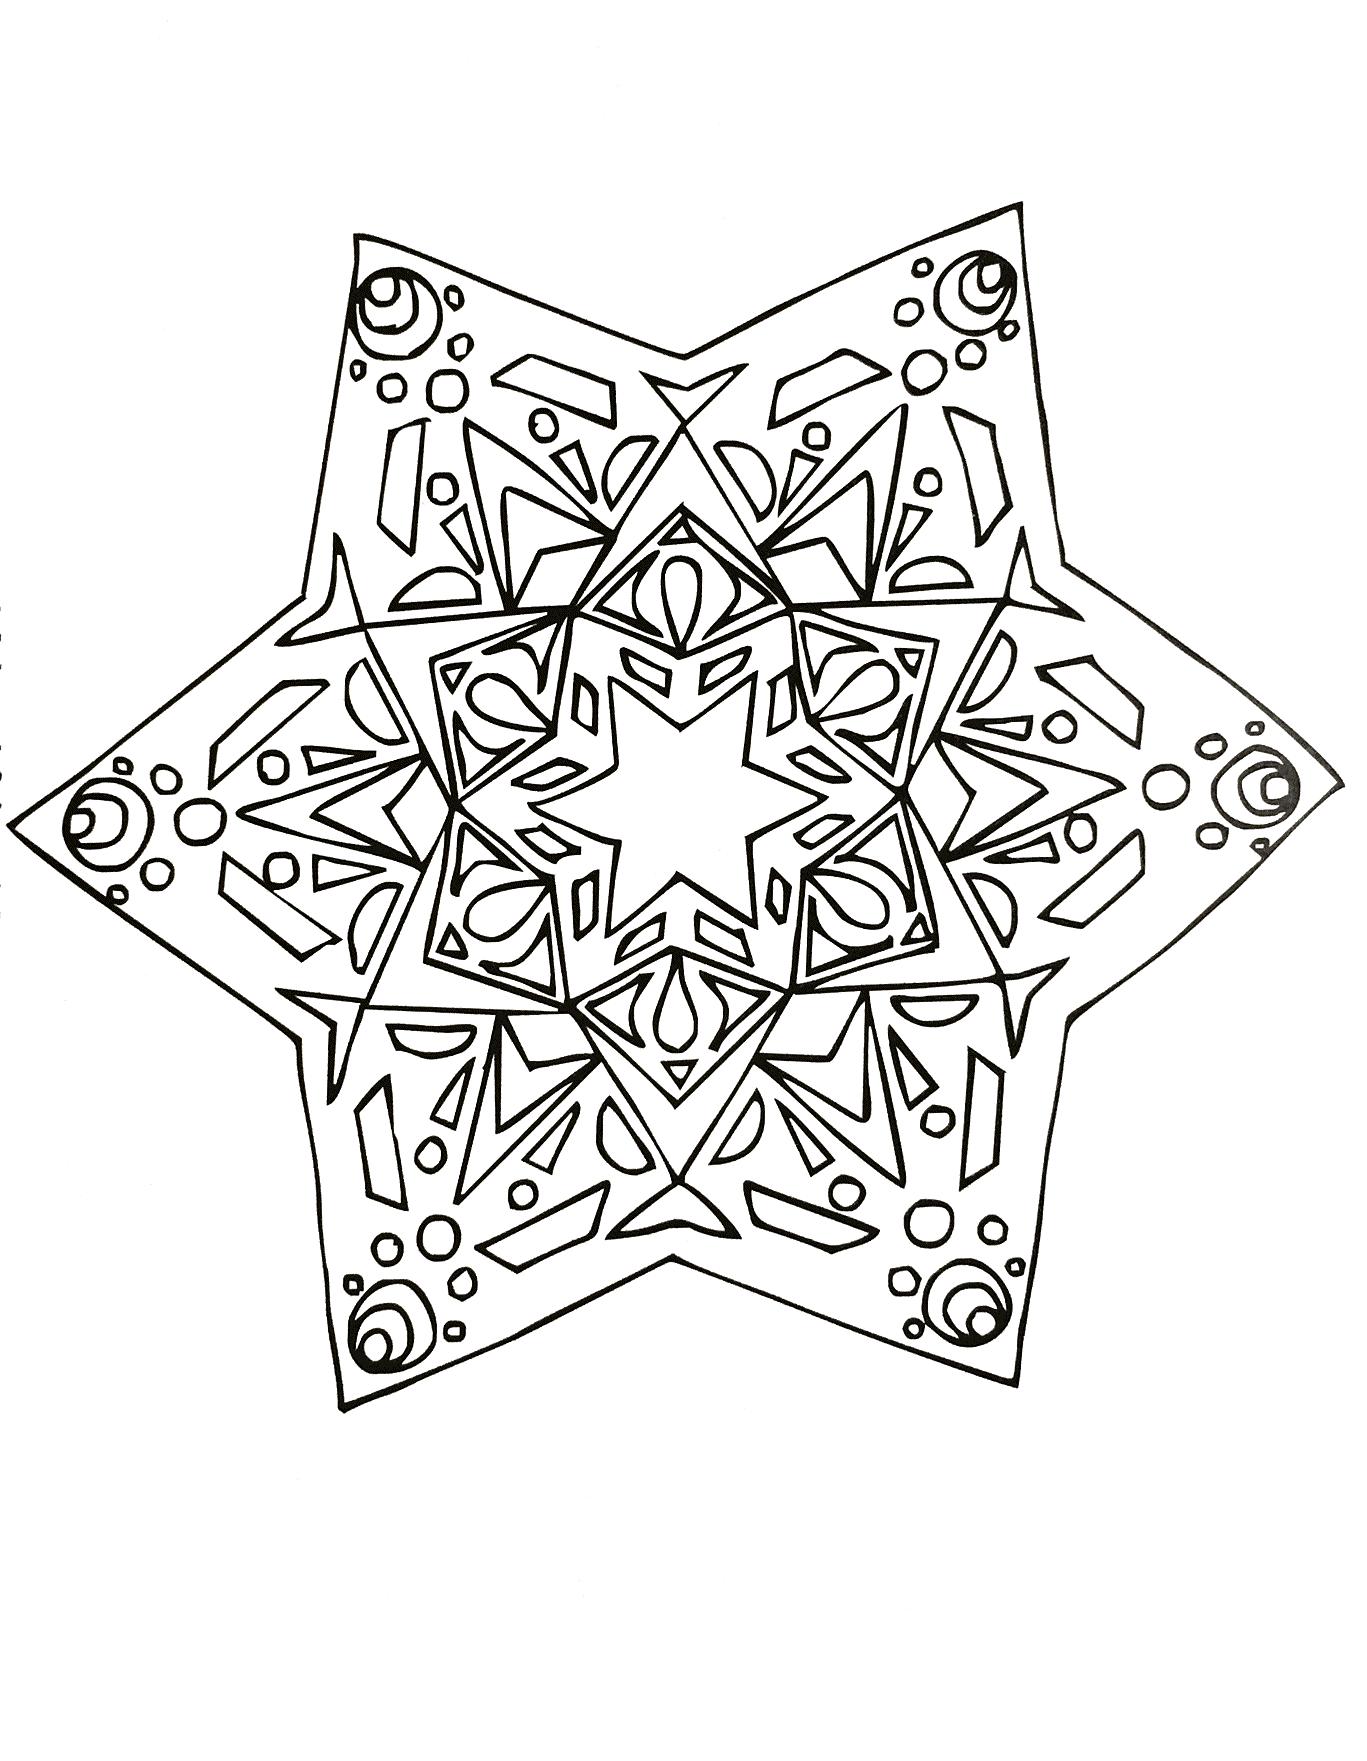 Mandala a colorier gratuit jolie etoile mandalas de - Etoile a colorier ...